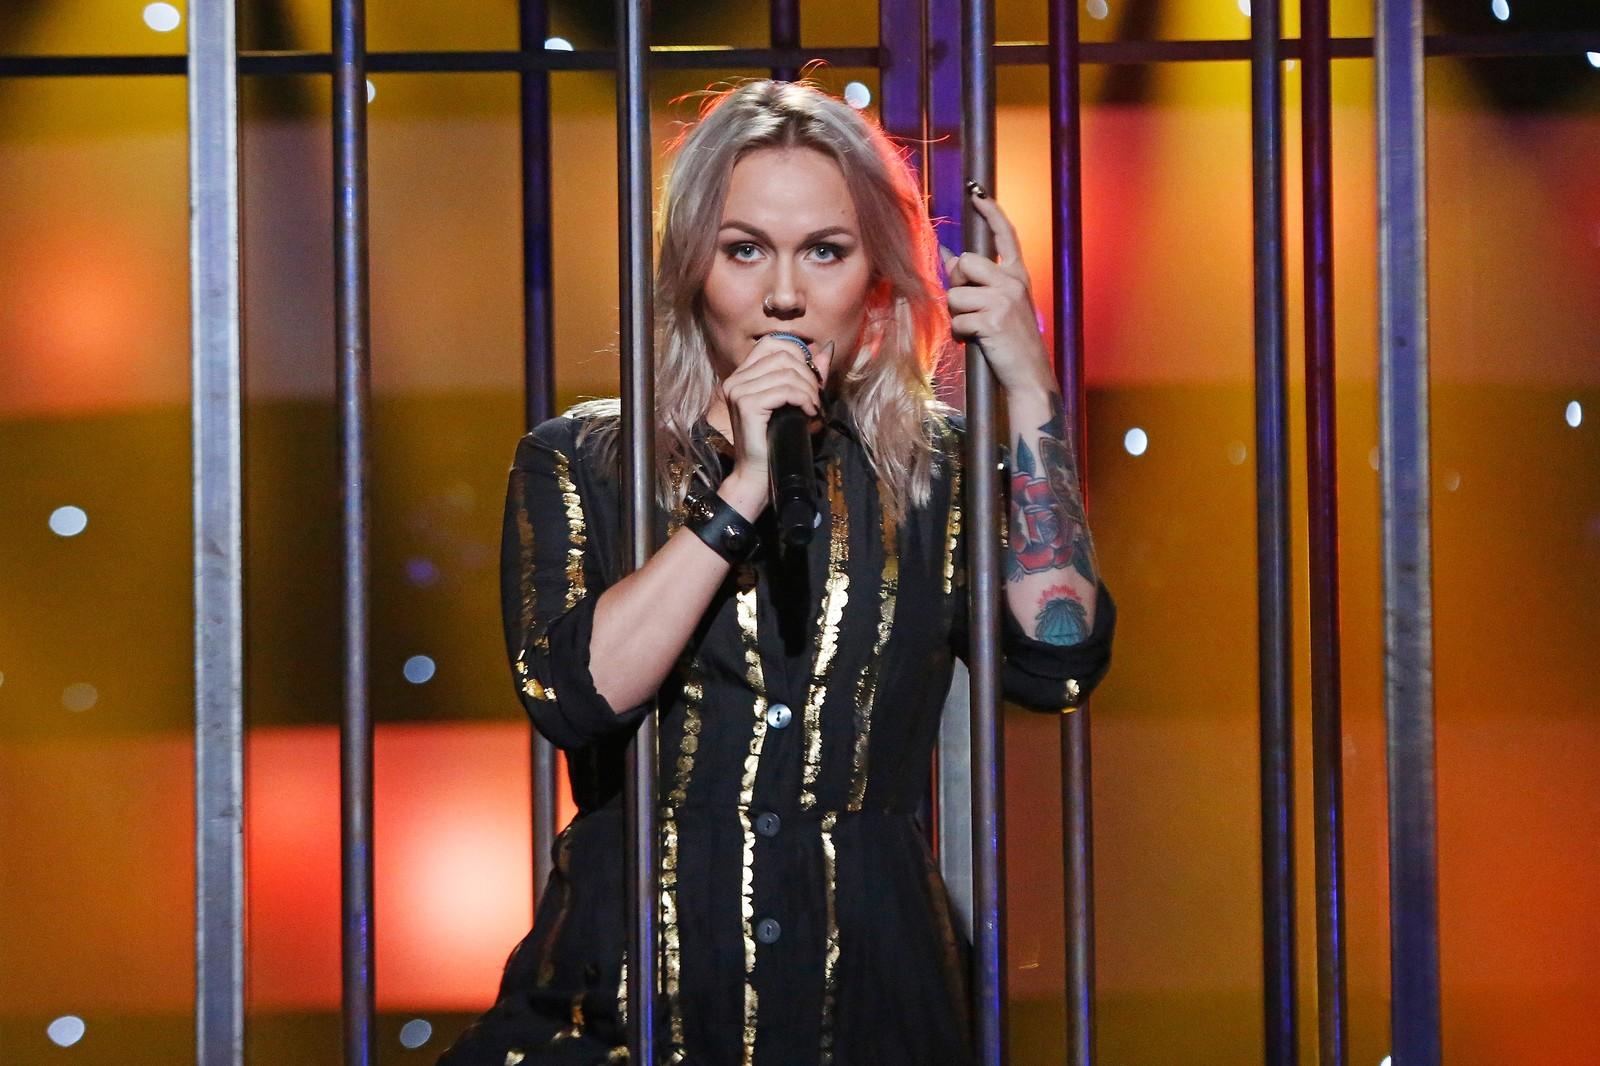 GULLSTRIPER: Tomine Harket fremførte countryklassikeren «Folsom Prison Blues» av Johnny Cash iført gullstripet fangedrakt fra et bur på scenen.